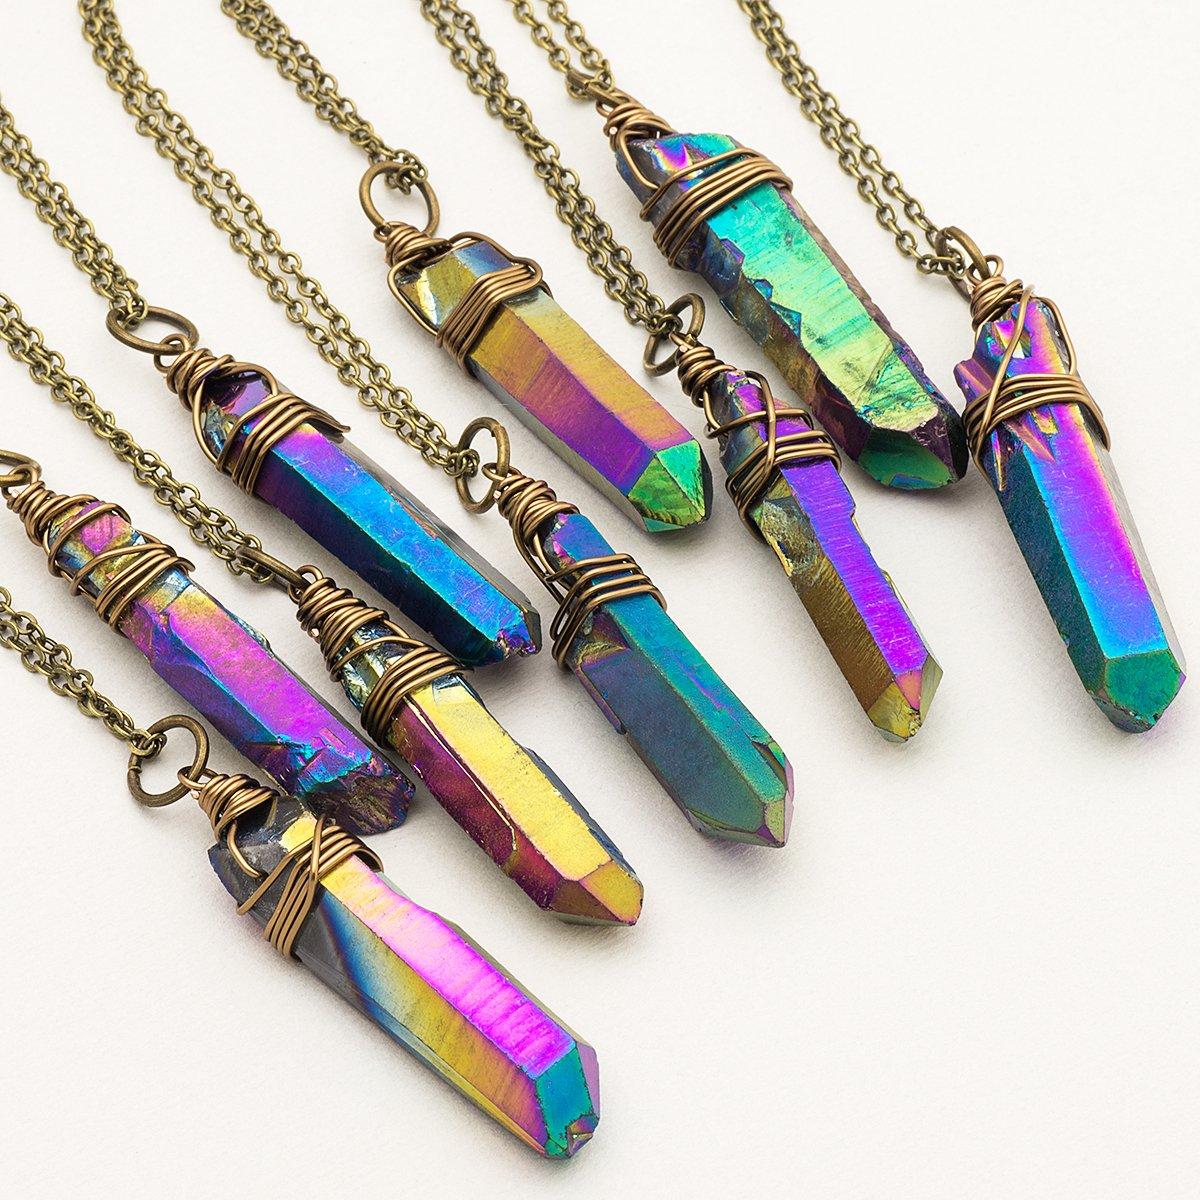 Raw rainbow titanium quartz point antique bronze chain pendant necklace